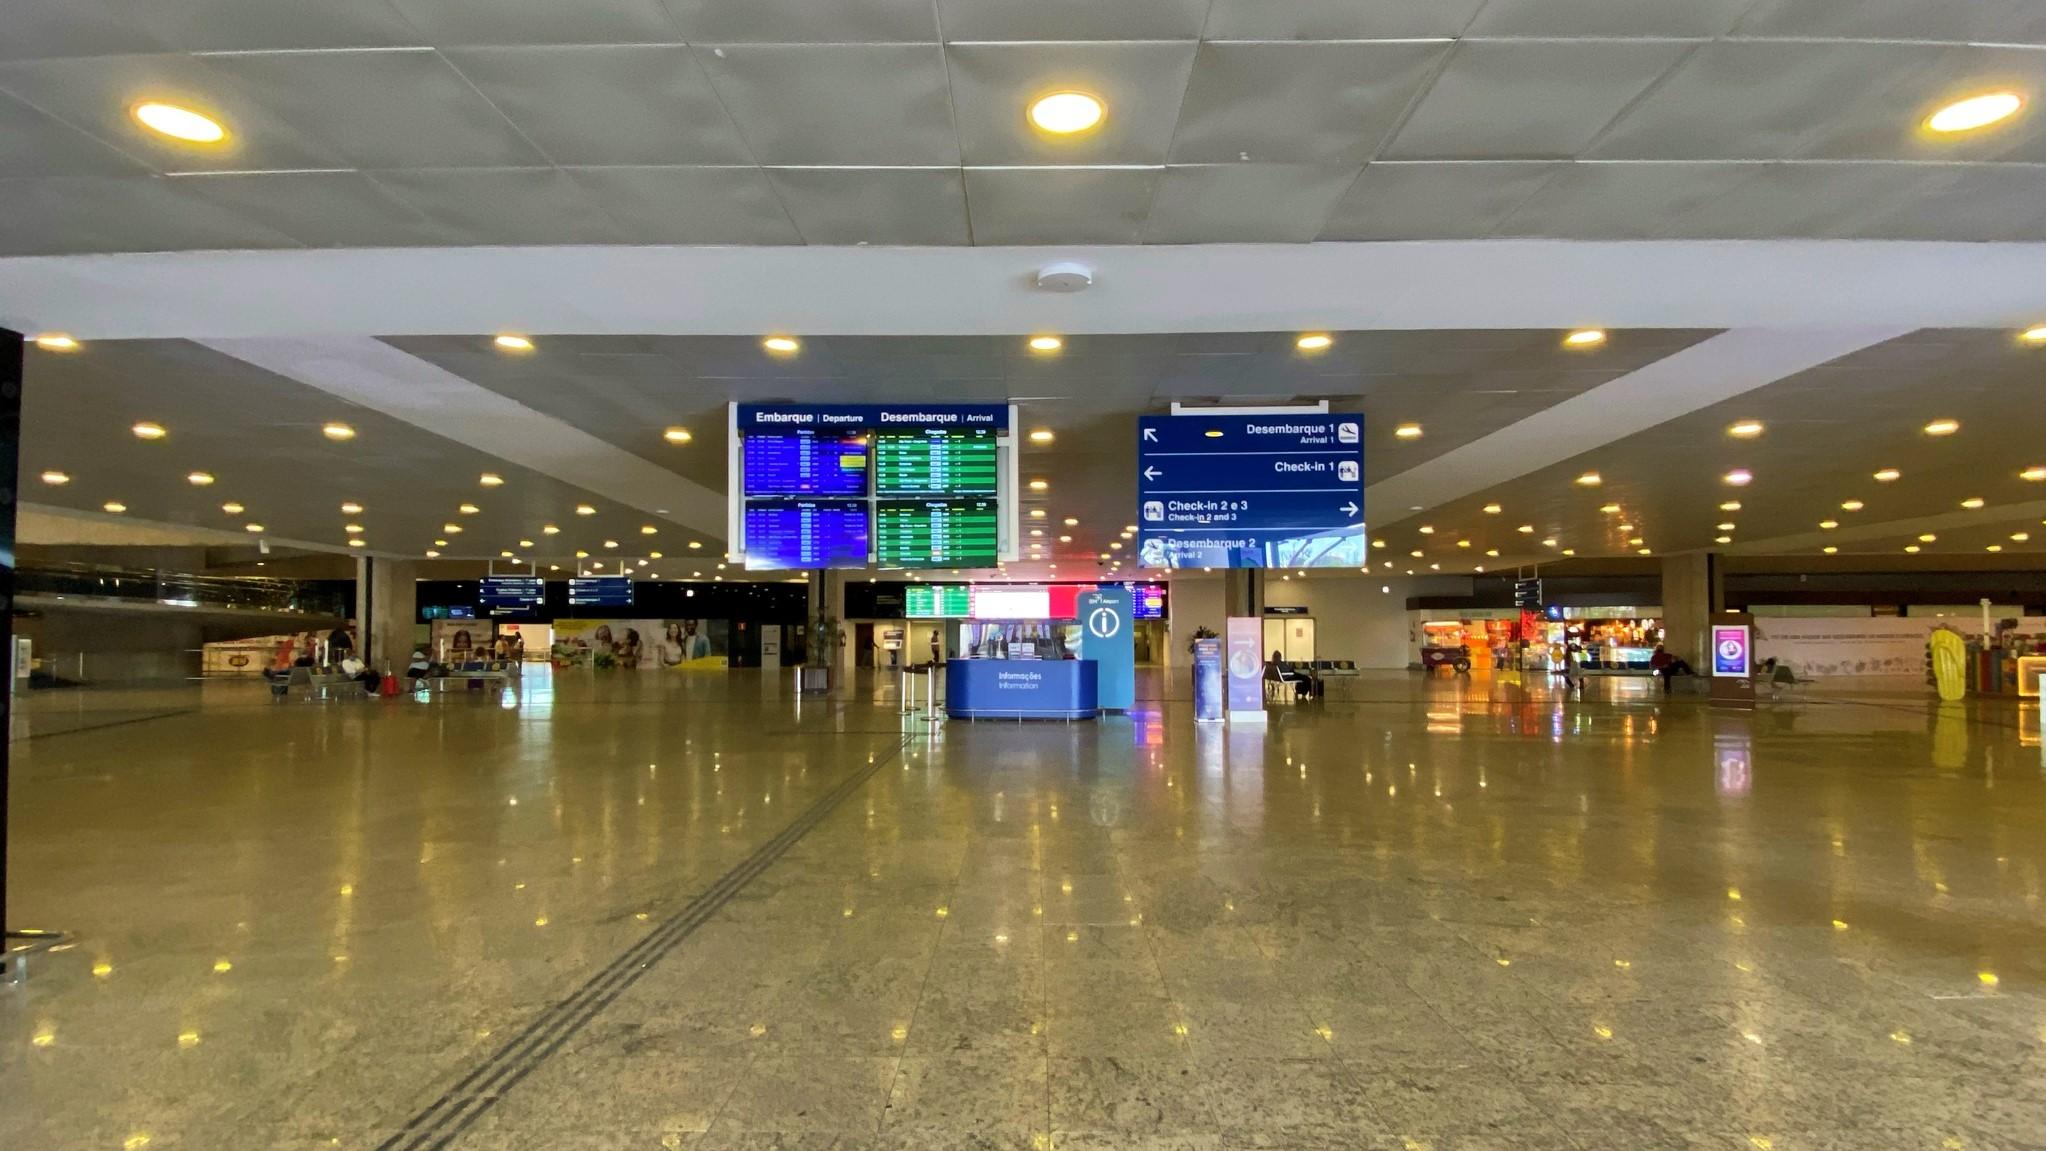 Aeroporto de Confins, BH Airport